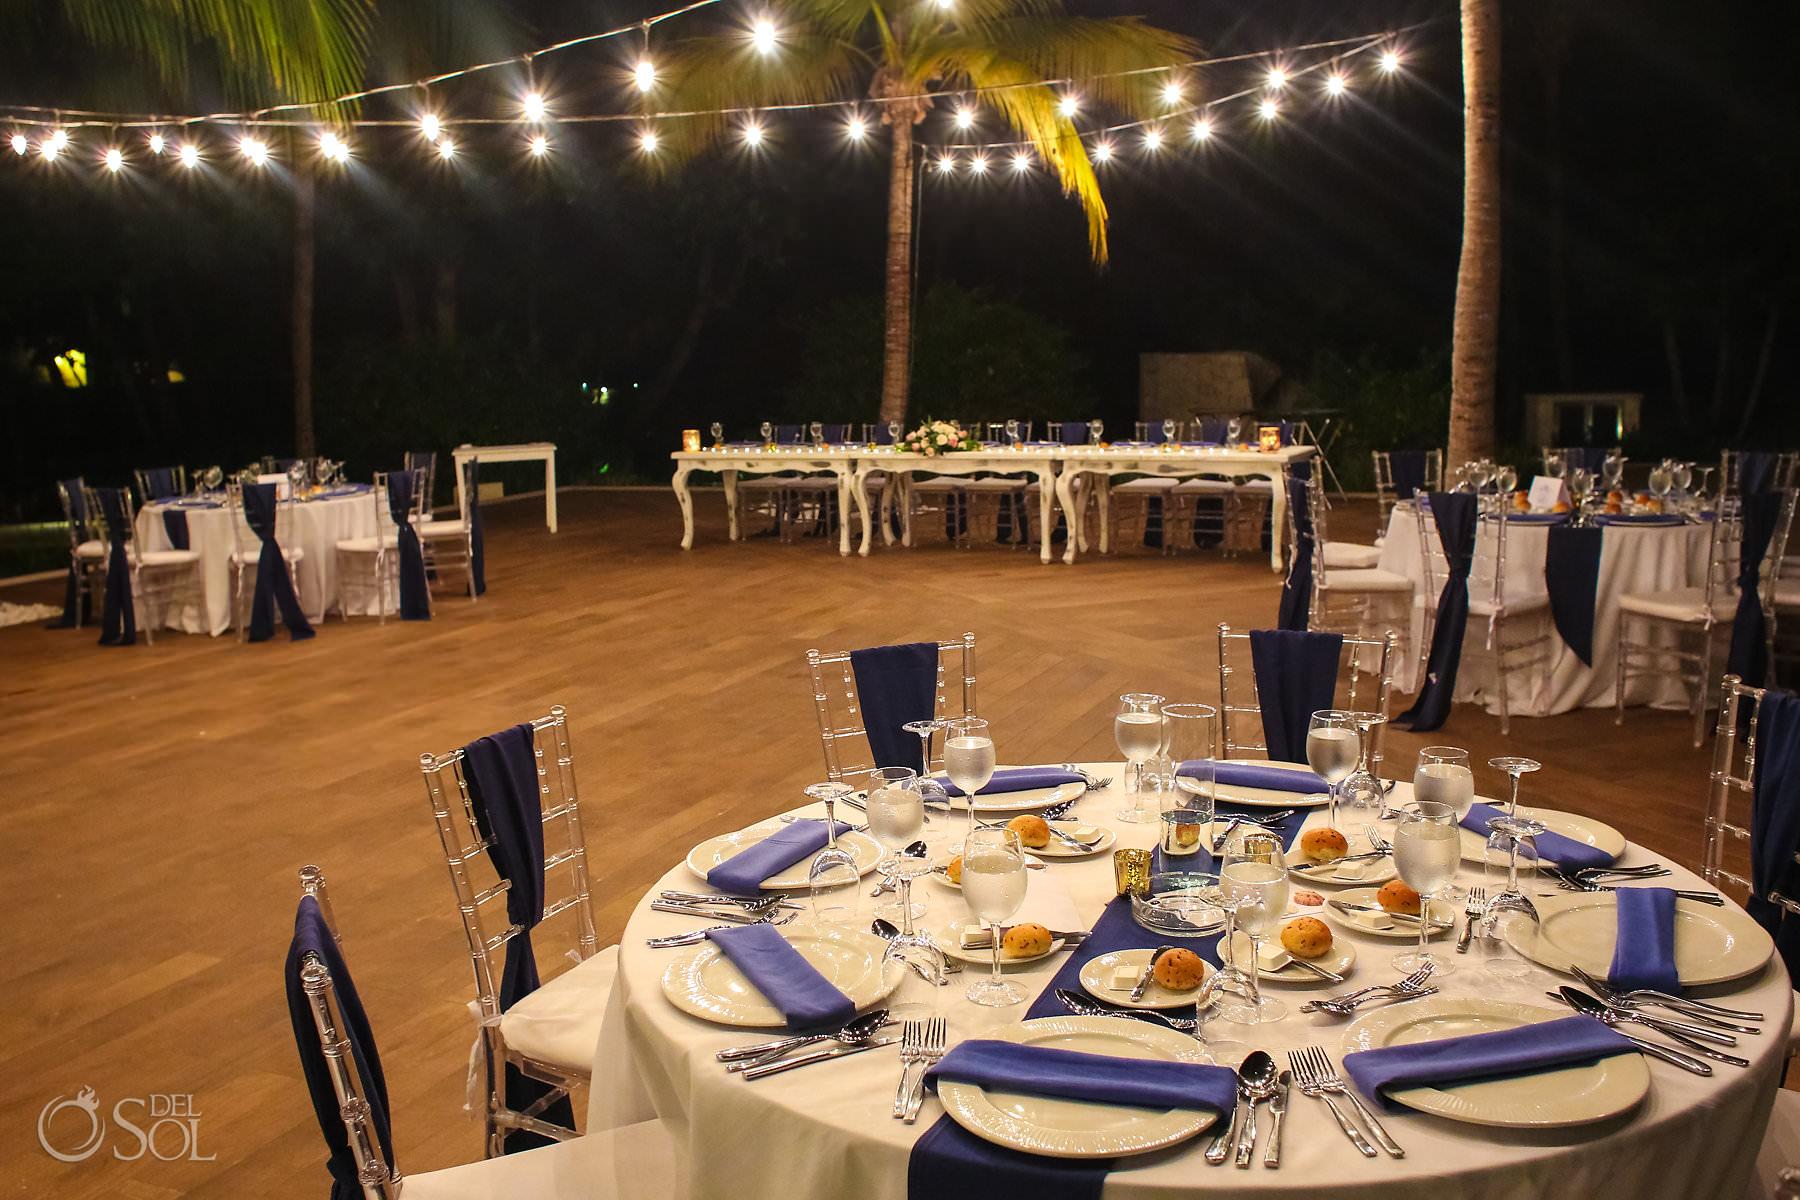 Barcelo Maya Palace Wedding Captain Morgan Grill reception setup Riviera Maya Mexico